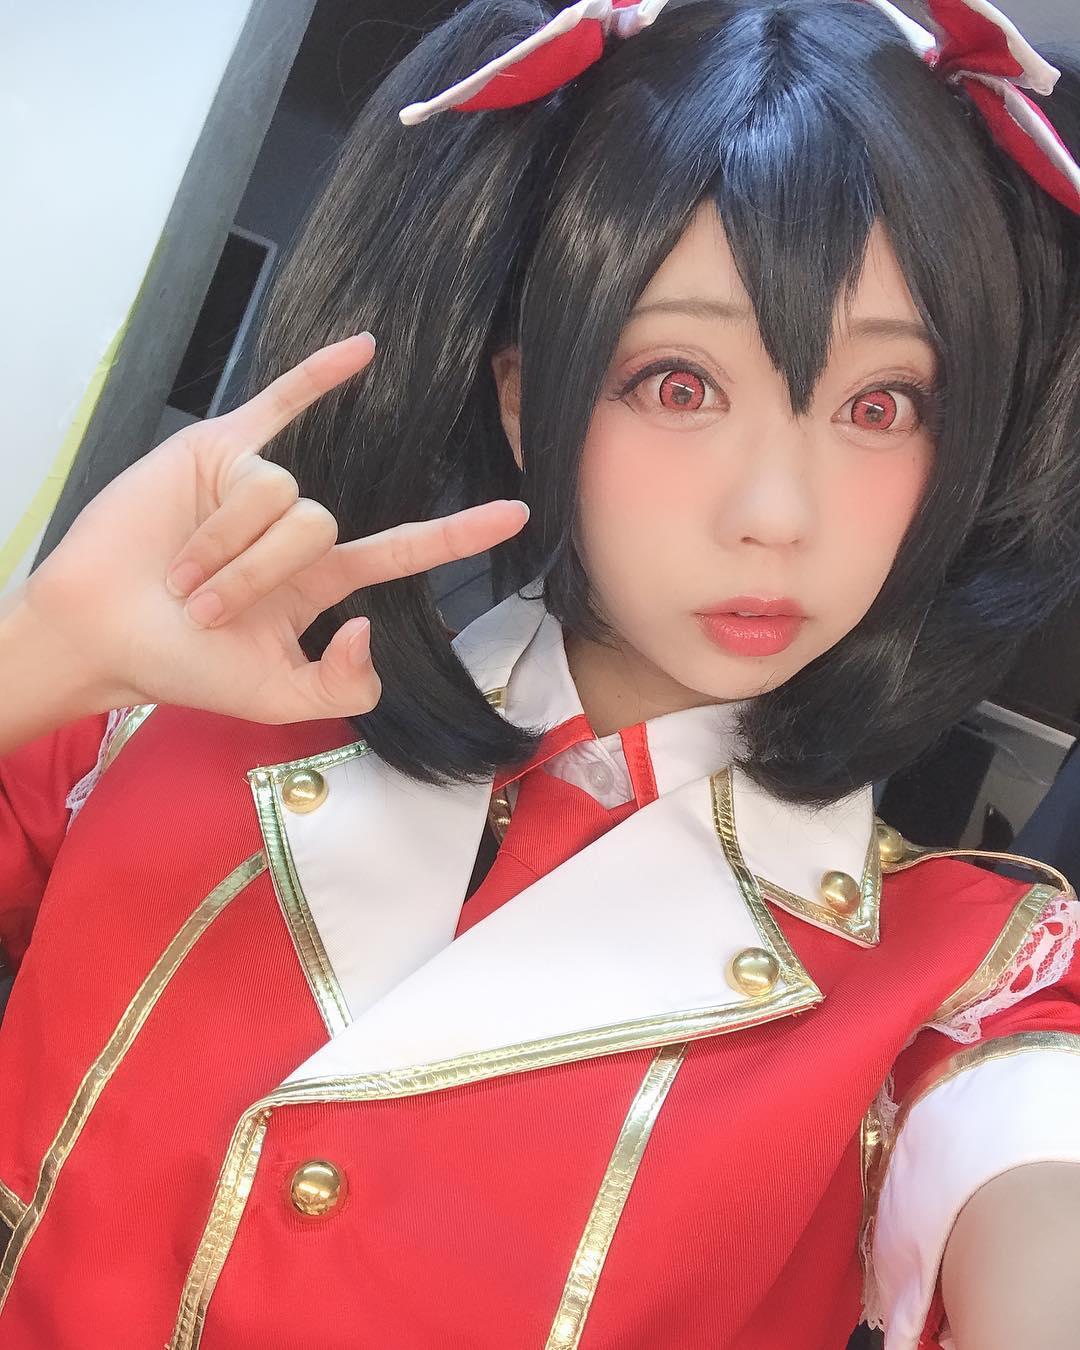 aoyama_hikaru261.jpg